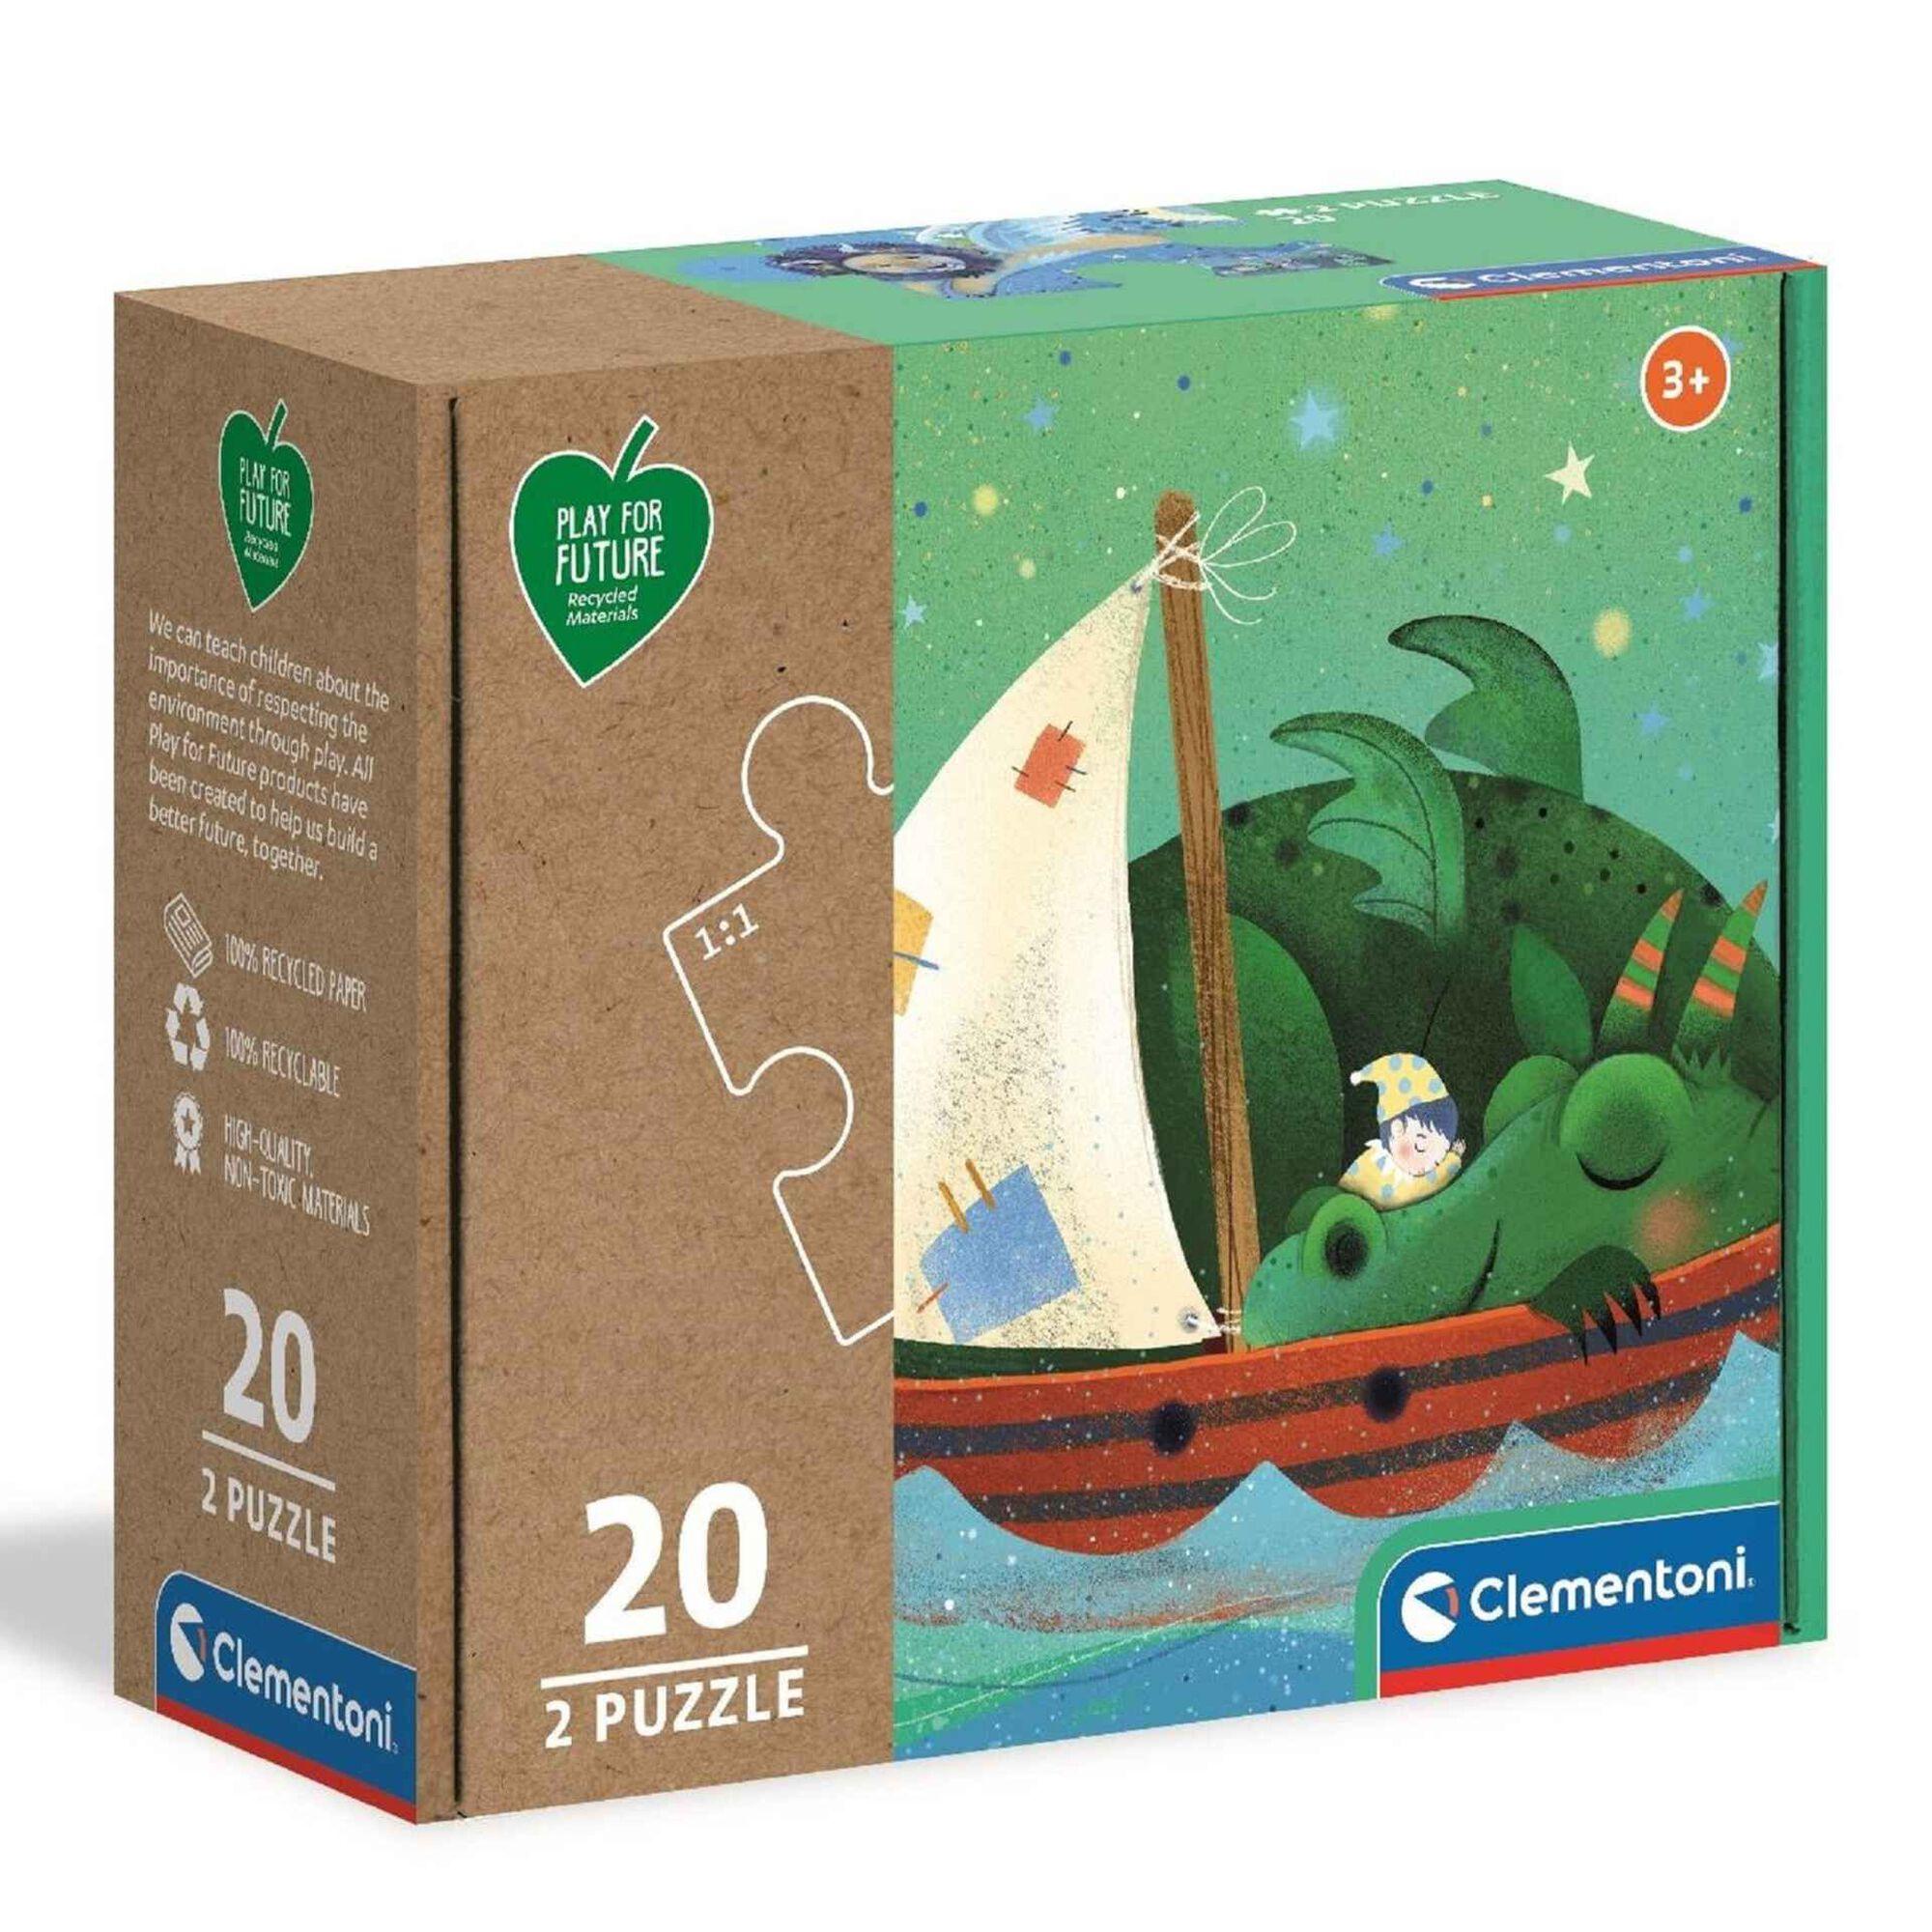 Puzzle 2x2 Peças (vários modelos)